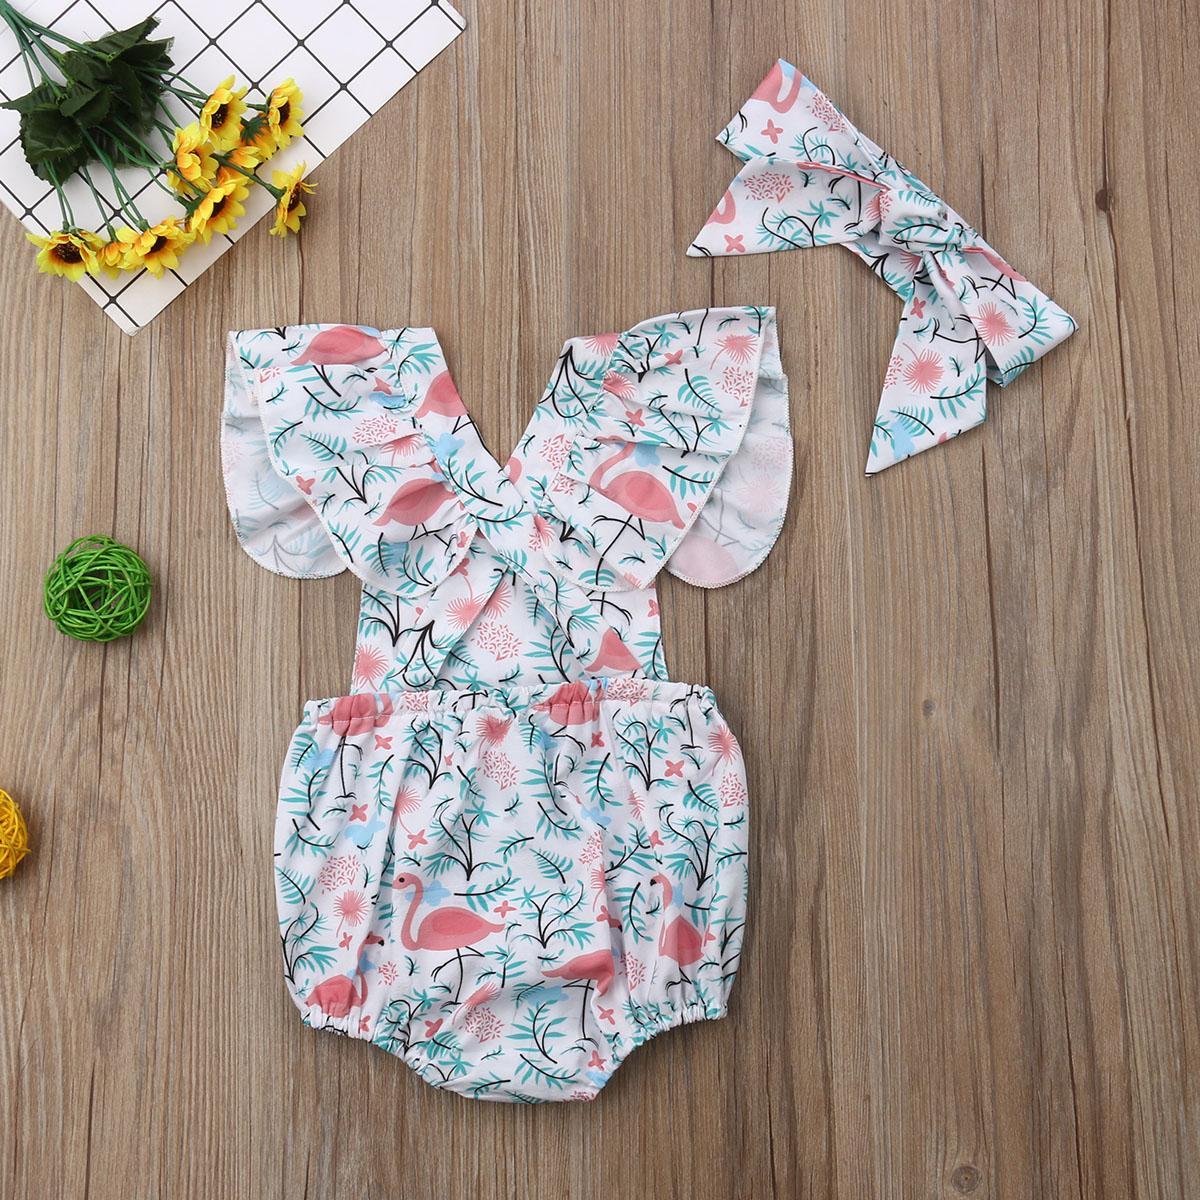 Focusnorm 0-24M Yeni Moda Yenidoğan Bebek Kız Flamingolar Romper Karikatür Kare Yaka Kafa yazlık kıyafetler Giyim